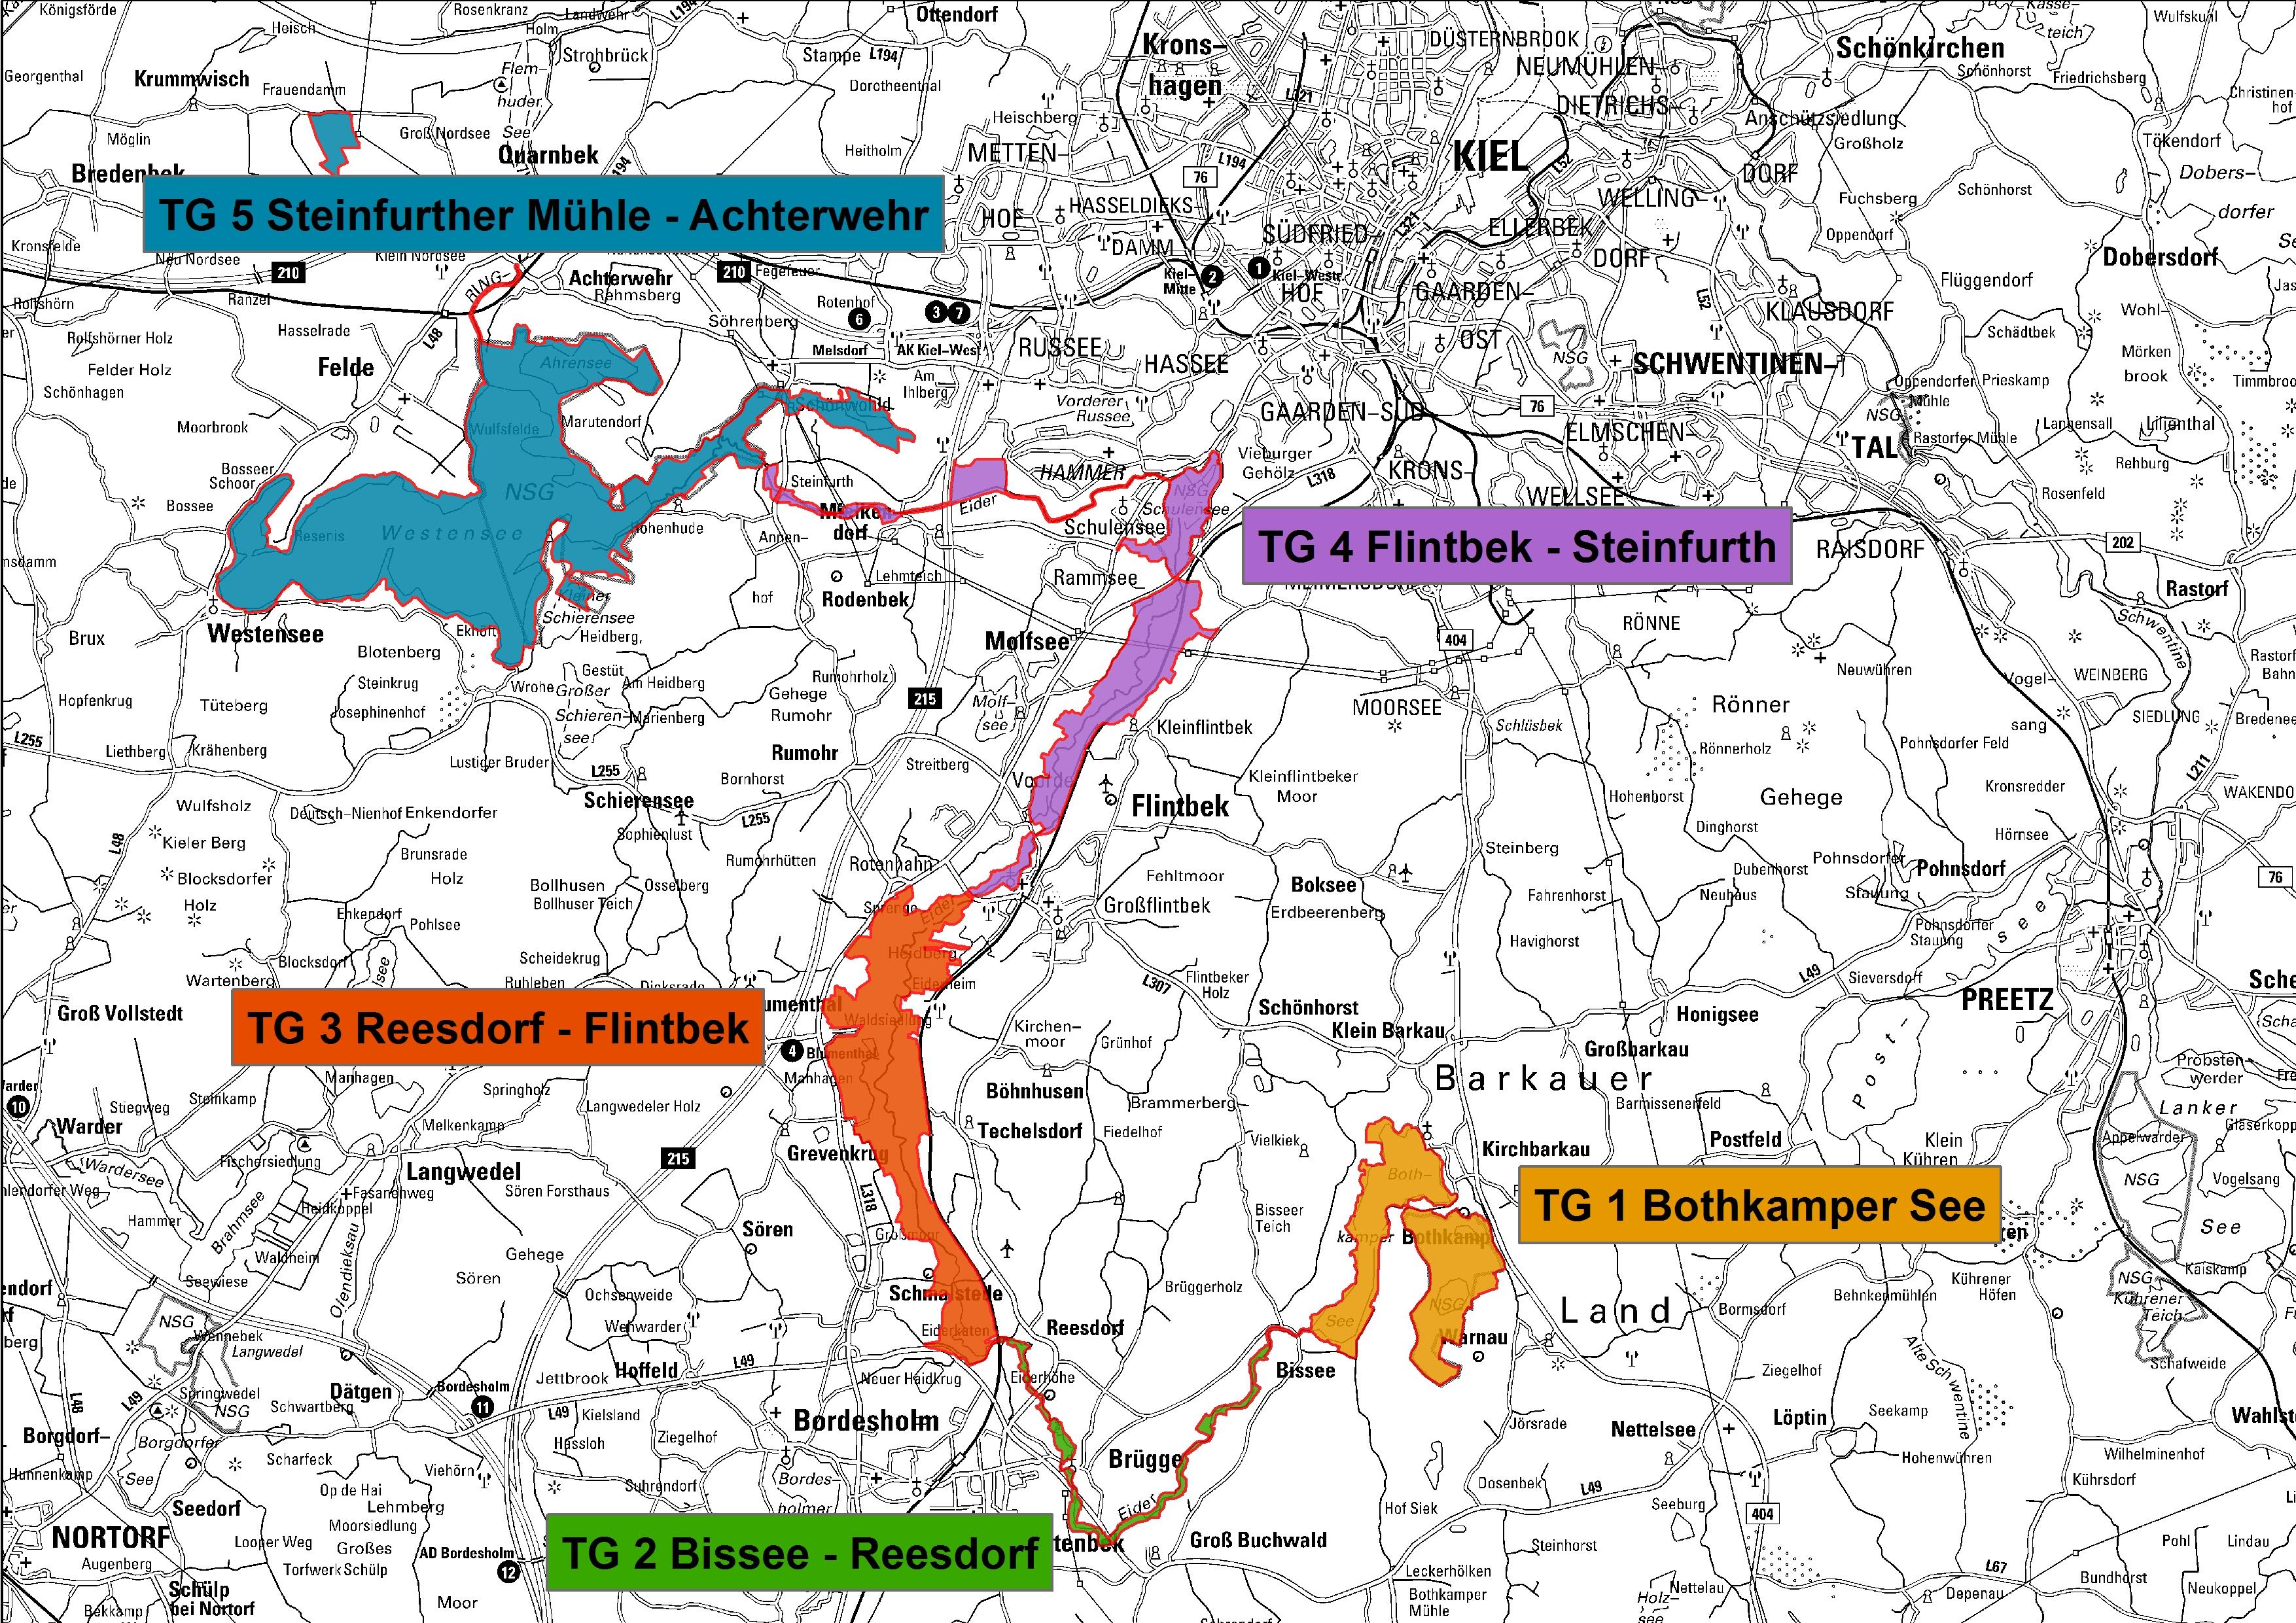 Natura 2000 Managementplane Naturpark Westensee Obere Eider E V